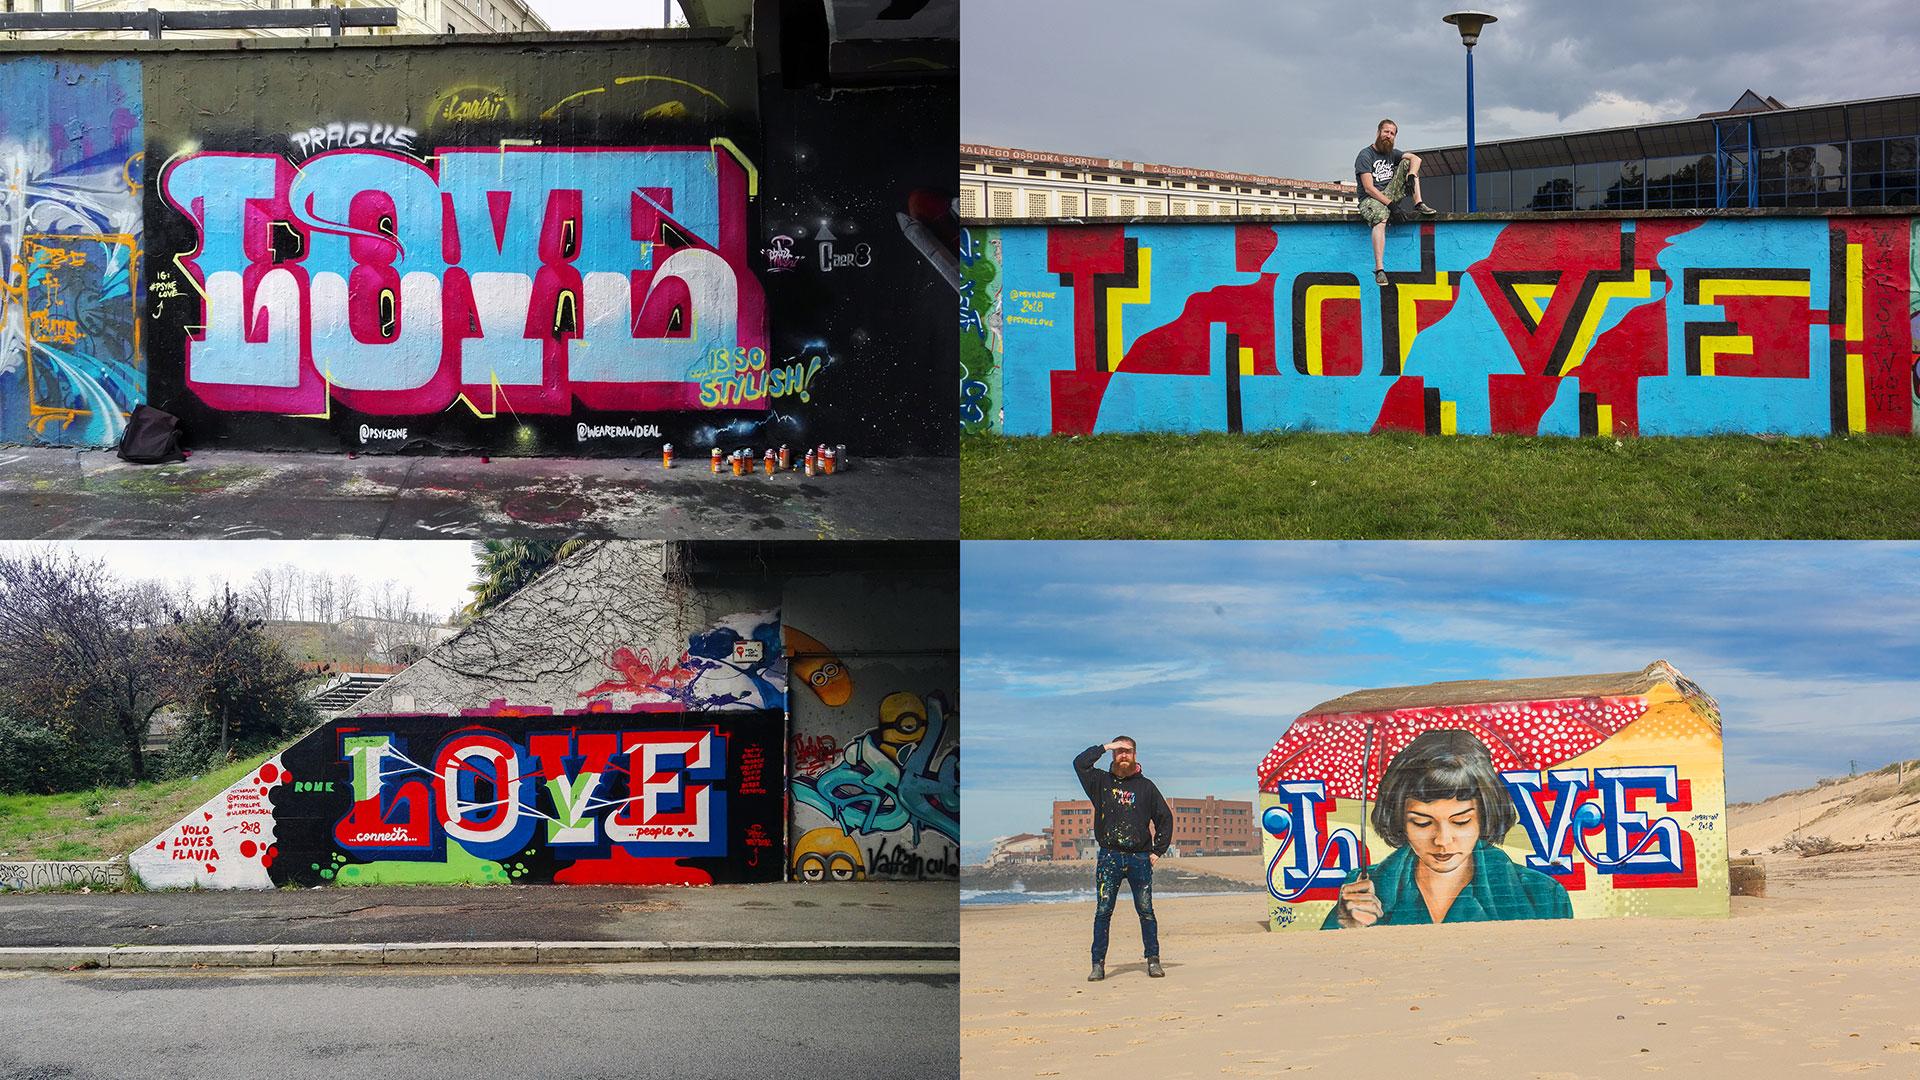 Love Praha Varsova Rooma Capbreton